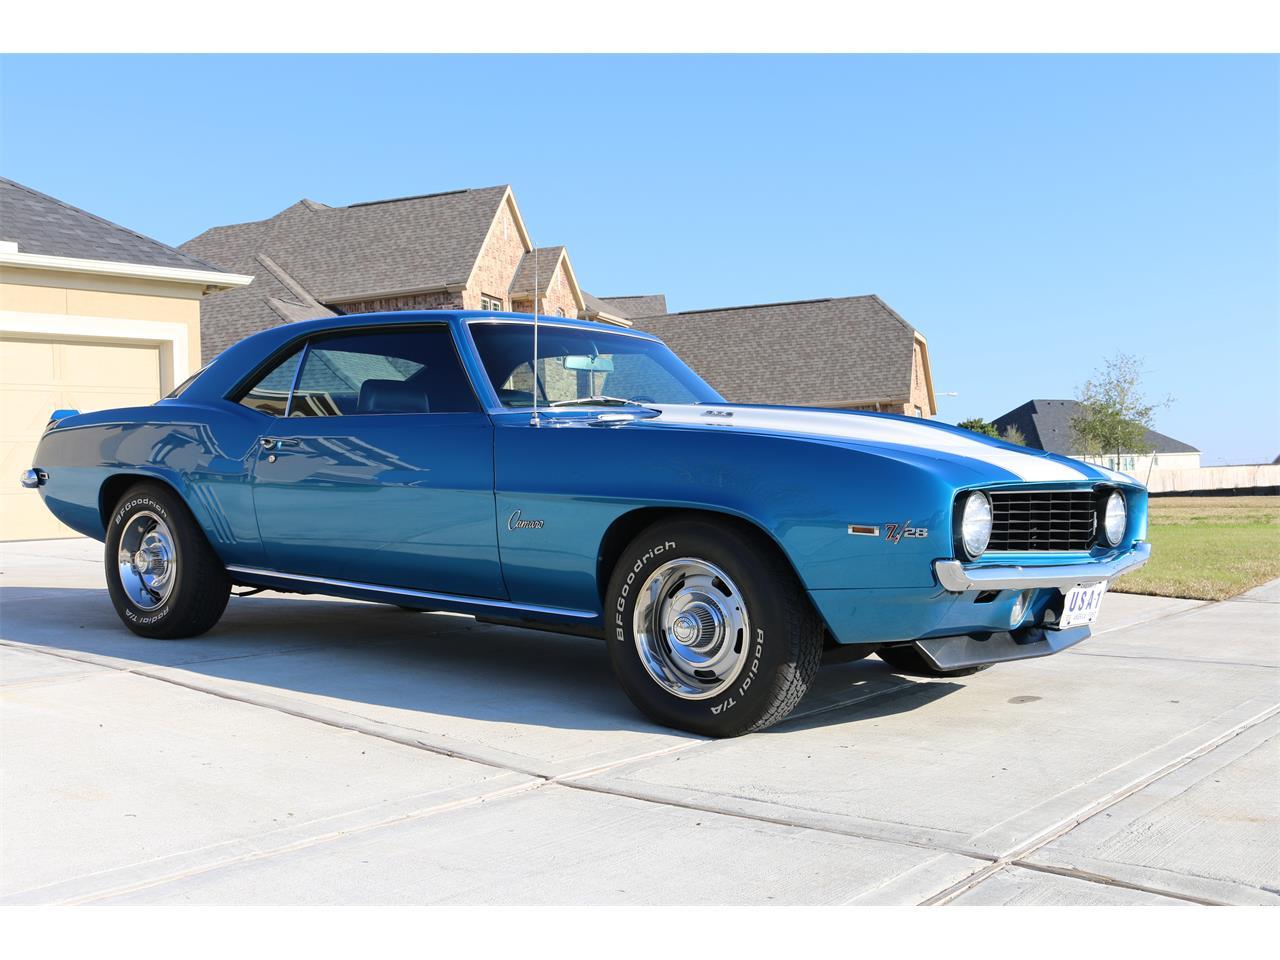 For Sale: 1969 Chevrolet Camaro Z28 in Houston, Texas